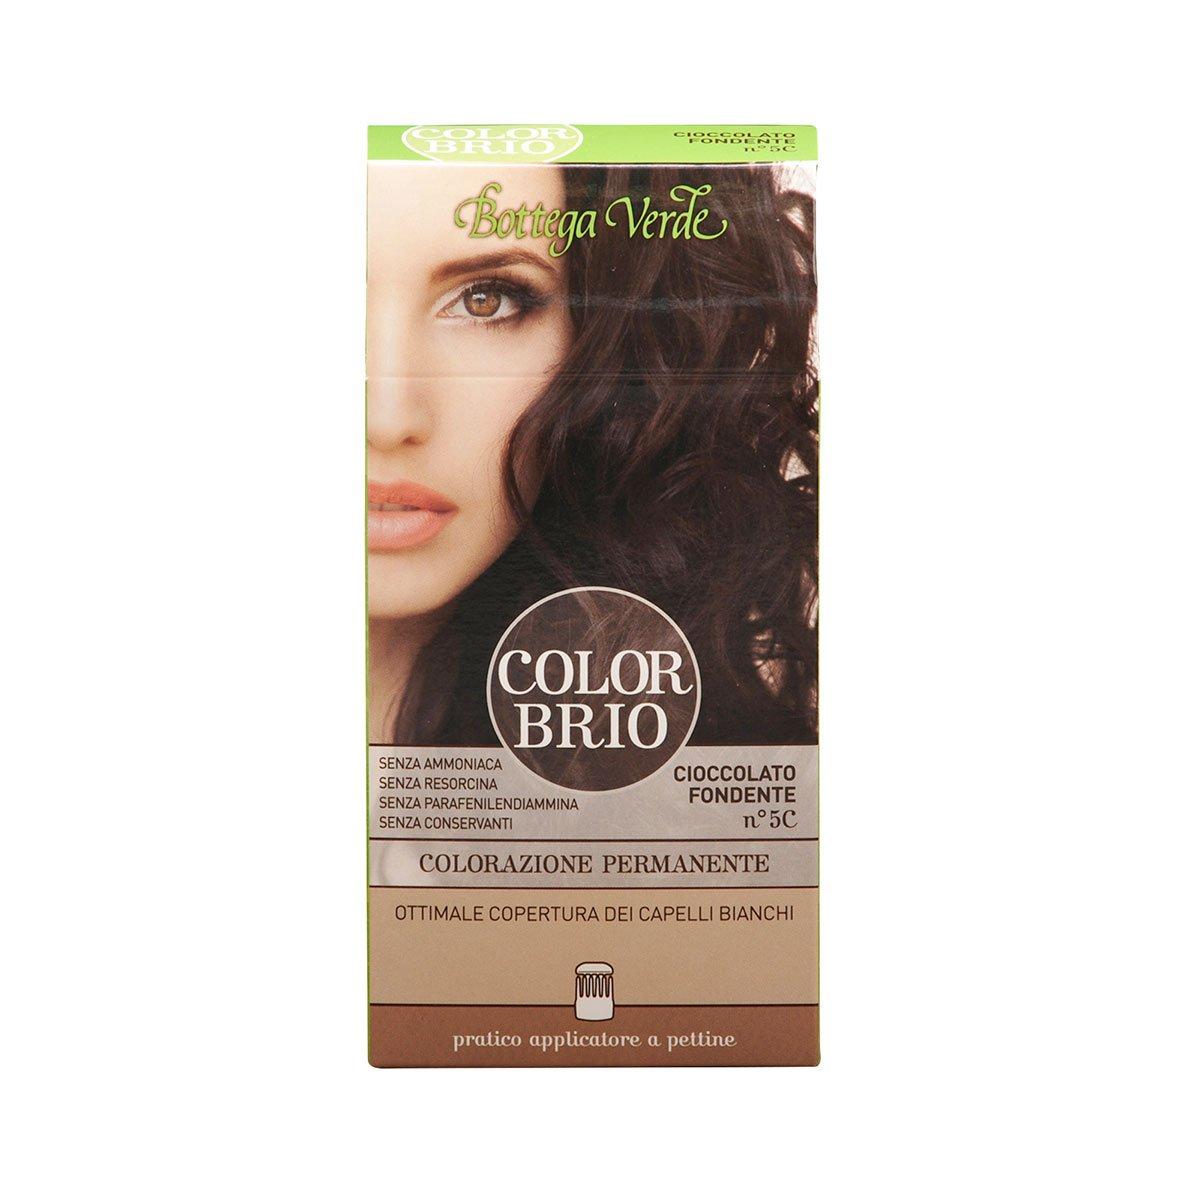 Bottega Verde Color Brio Colorazioni Per Capelli Biondo